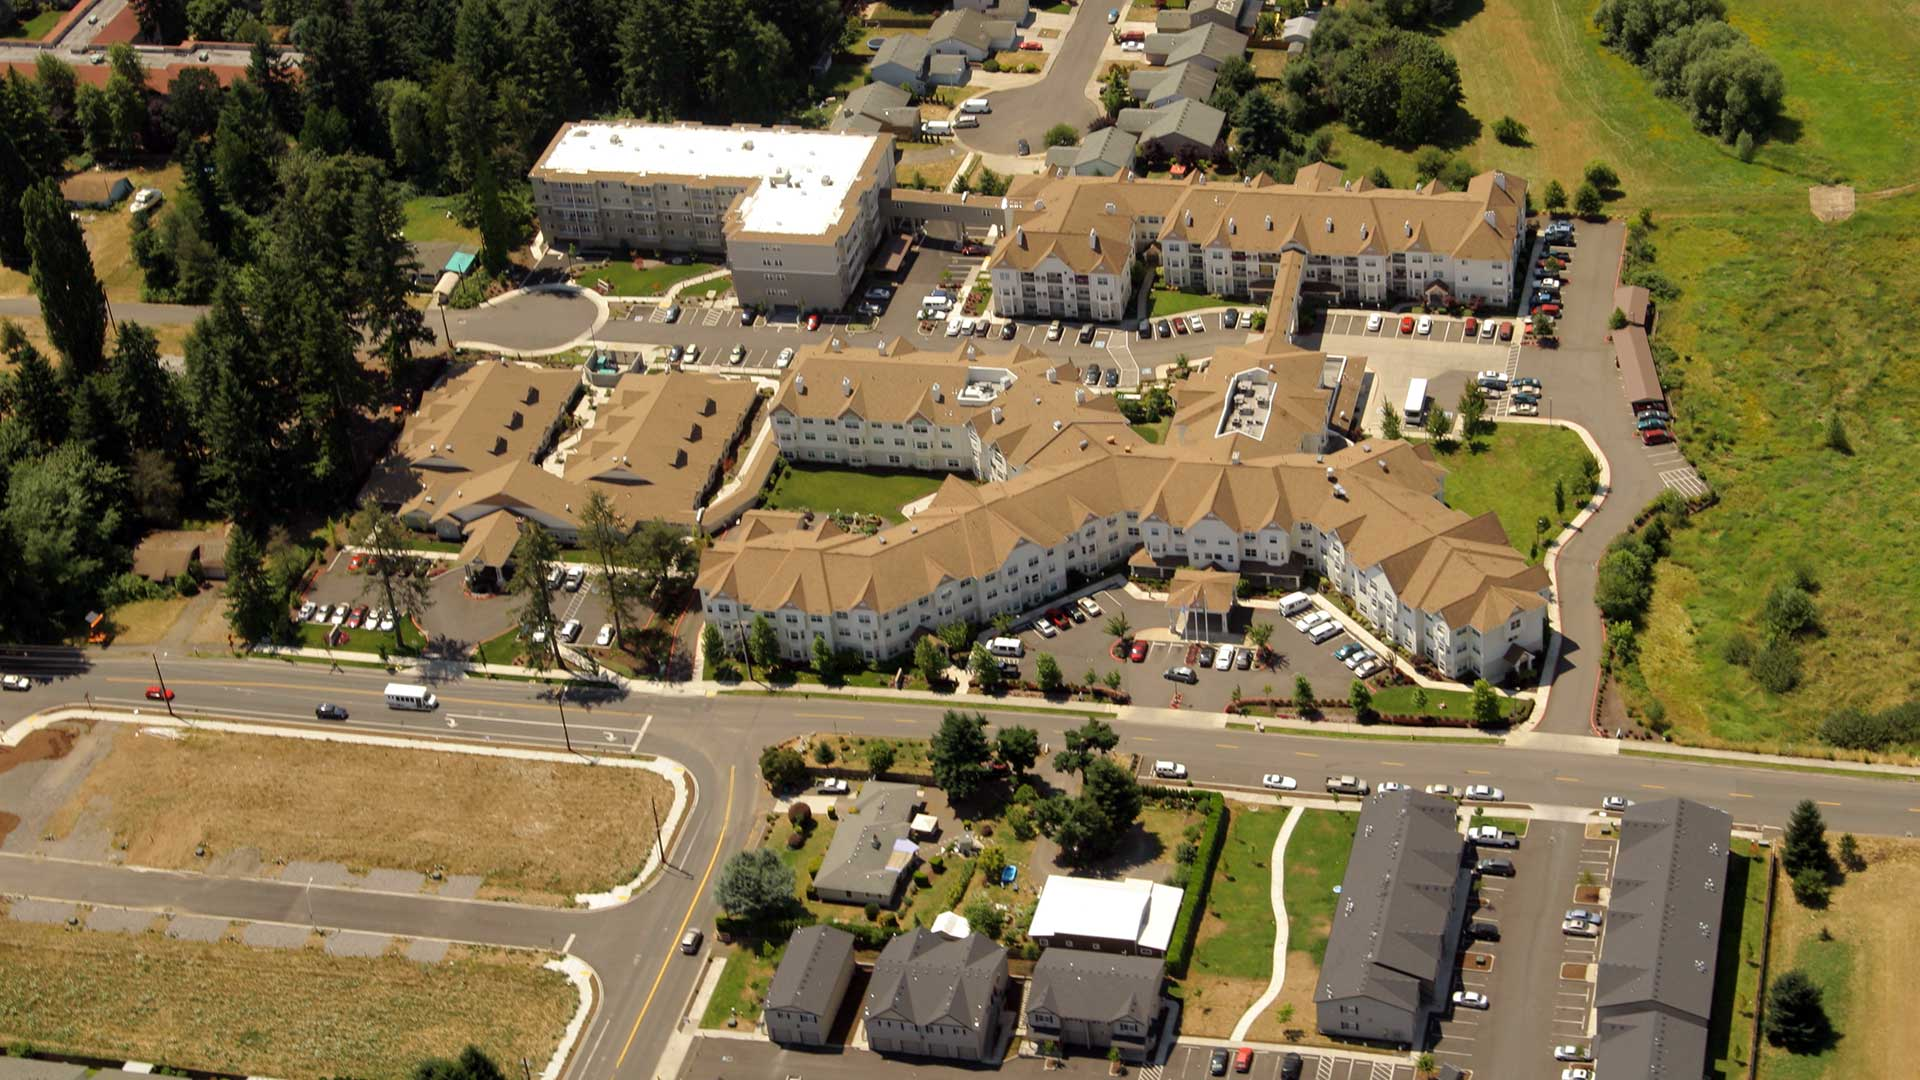 Glenwood Hills Retirement Center - aerial